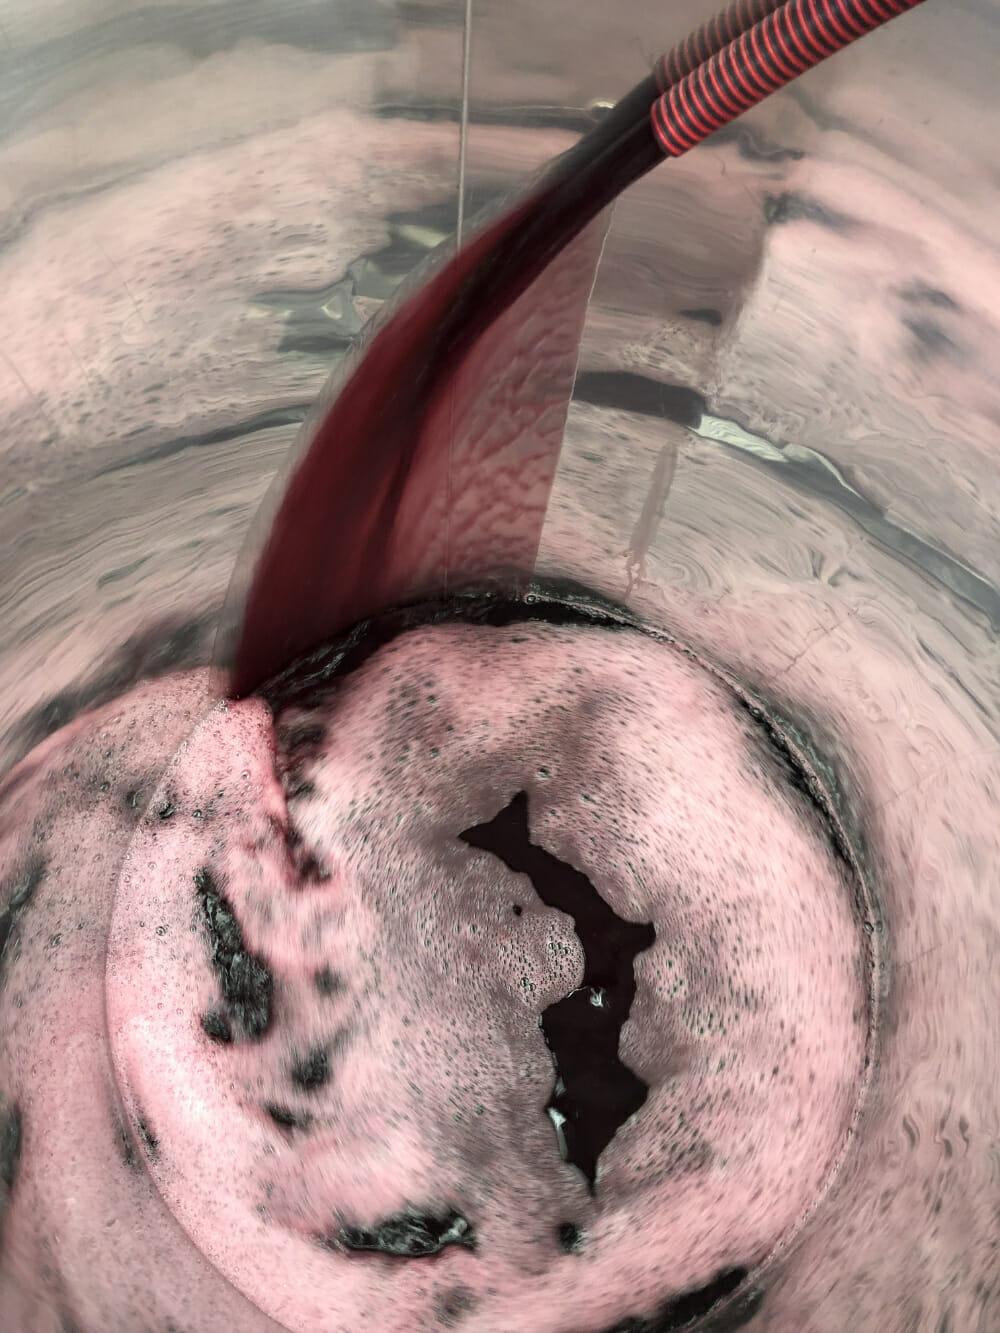 Honey Moon Vineyard Winemaking